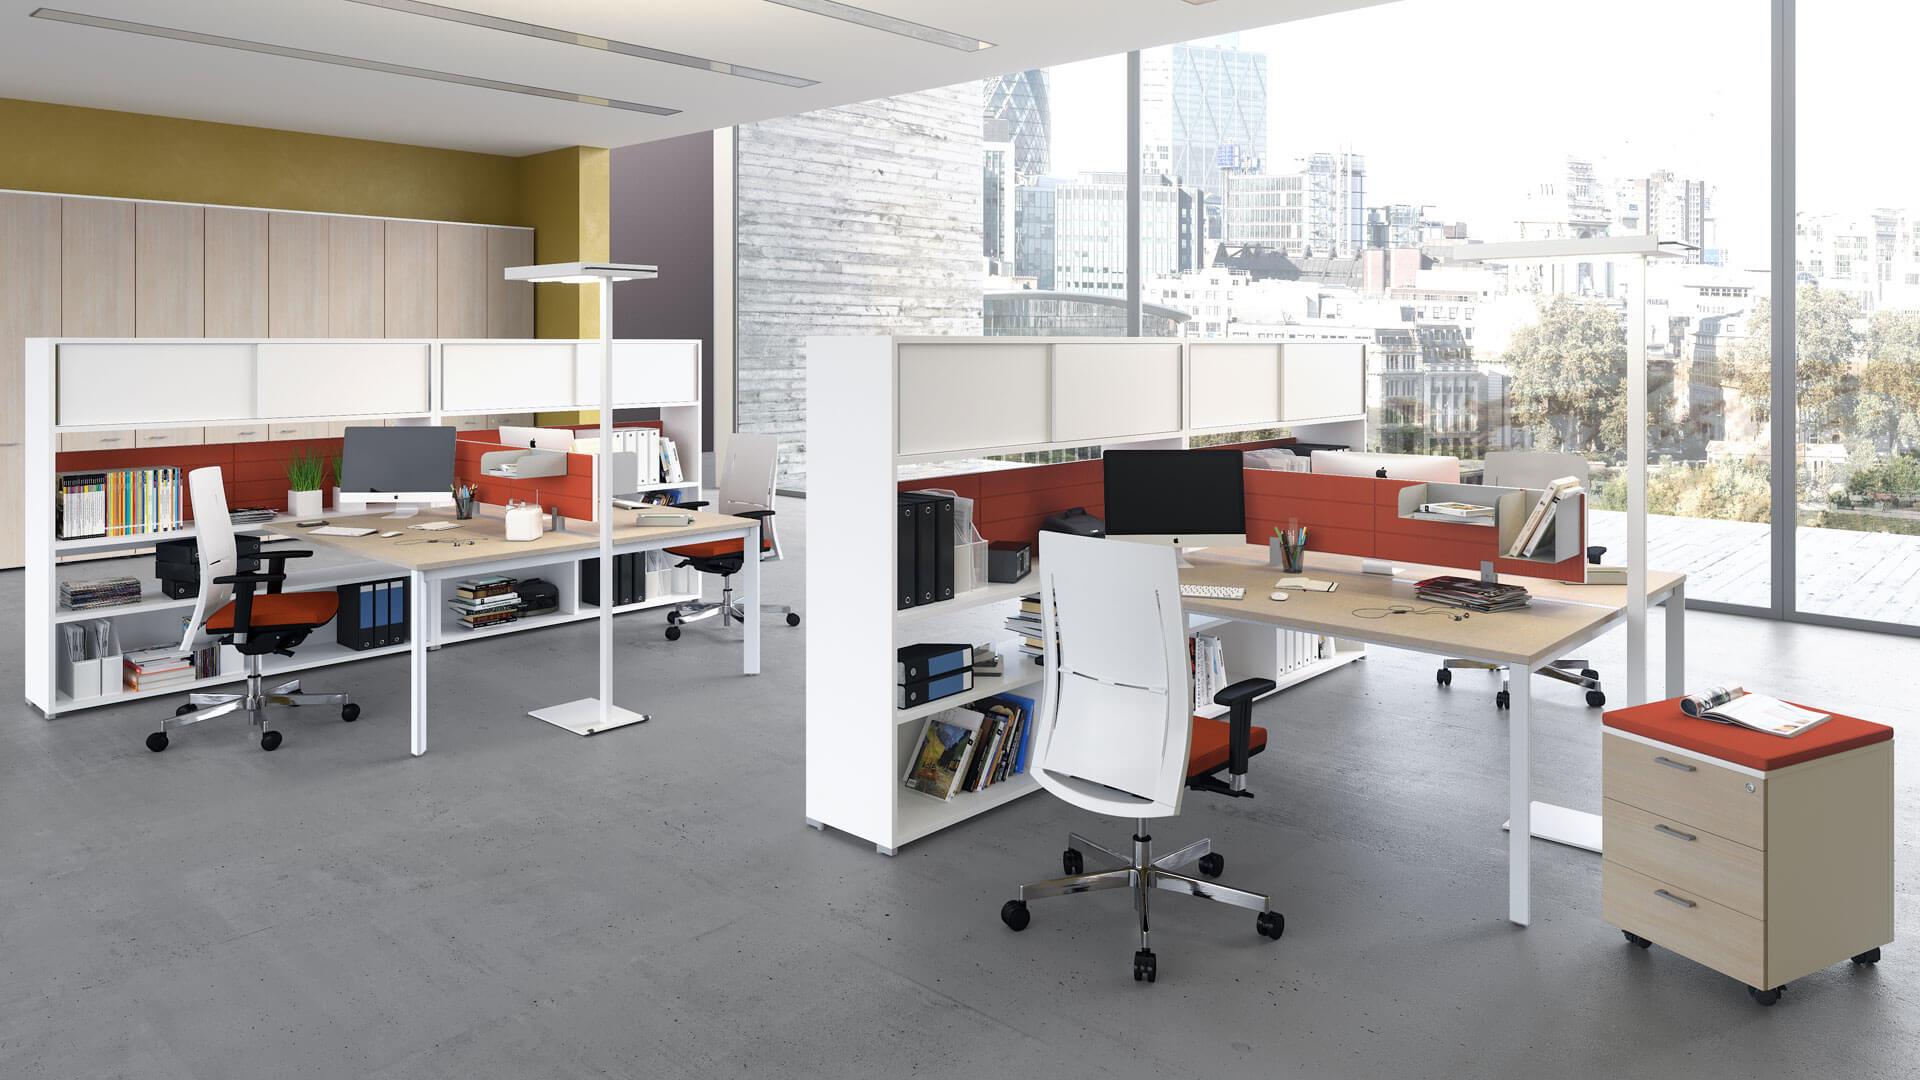 Le novit per l ufficio di las mobili prontufficio for Design per l ufficio